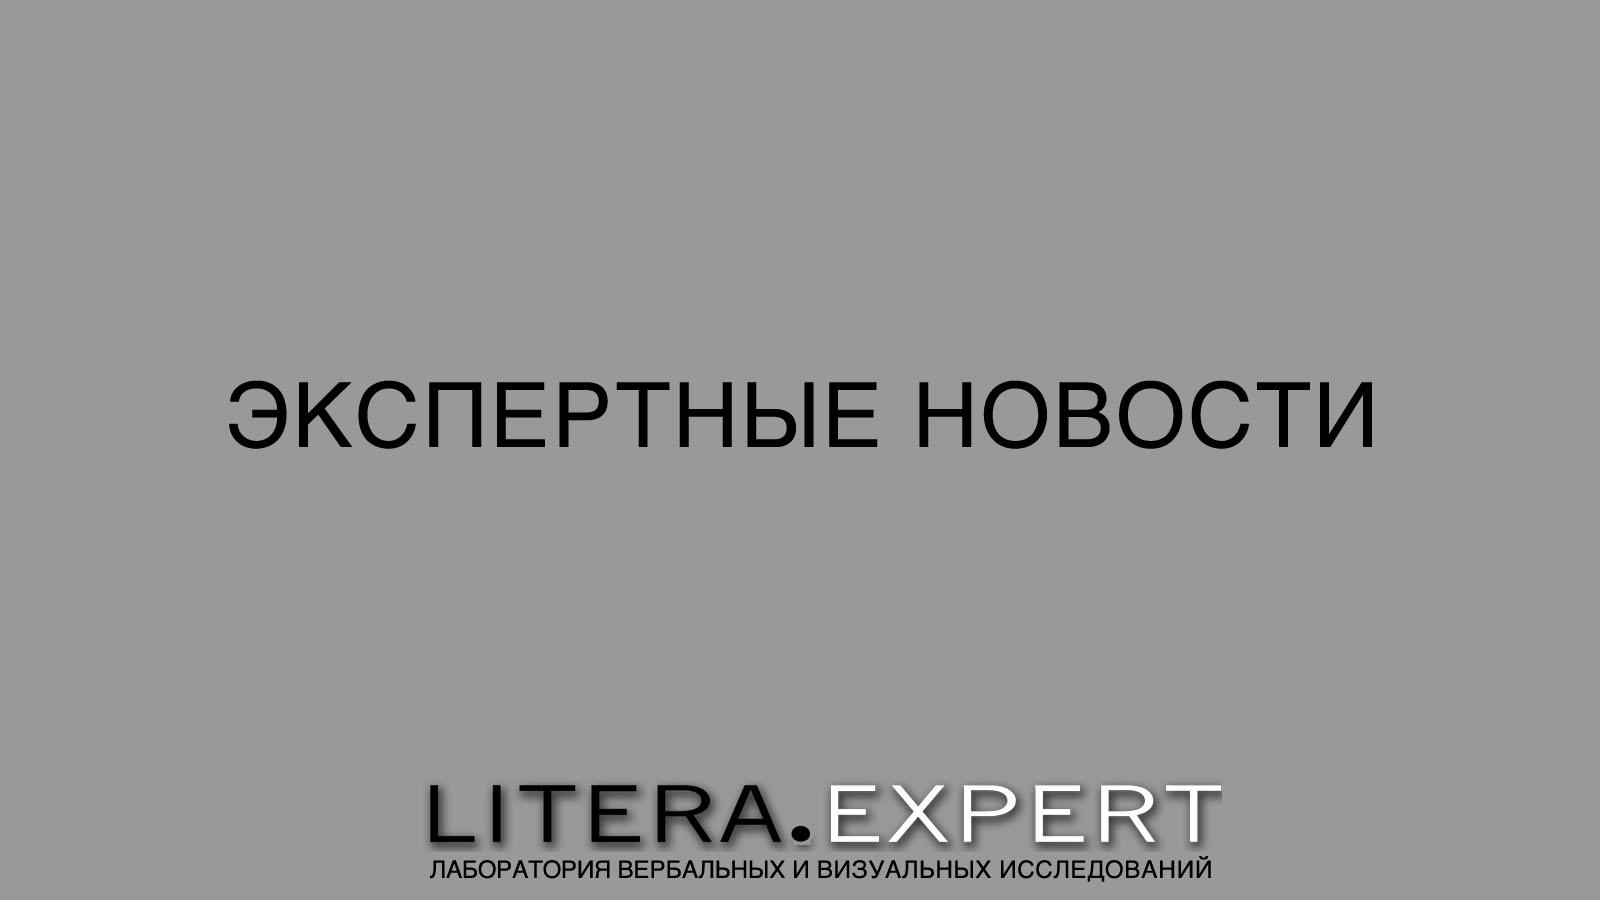 litera.expert news экспертные новости, сахалин, калининград, дальний восток, крым, список минюста